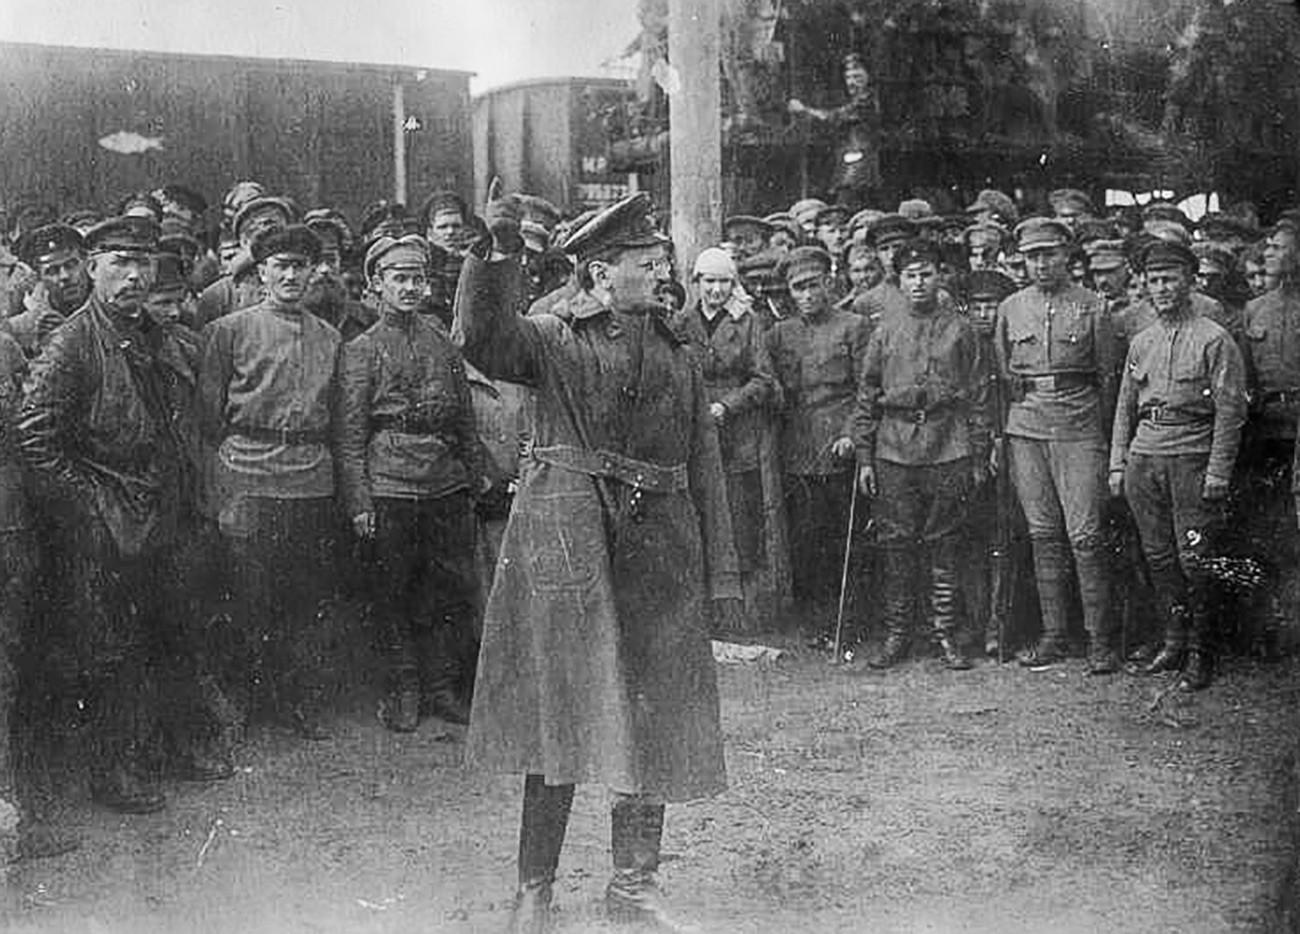 Лав Троцки држи говор војницима.